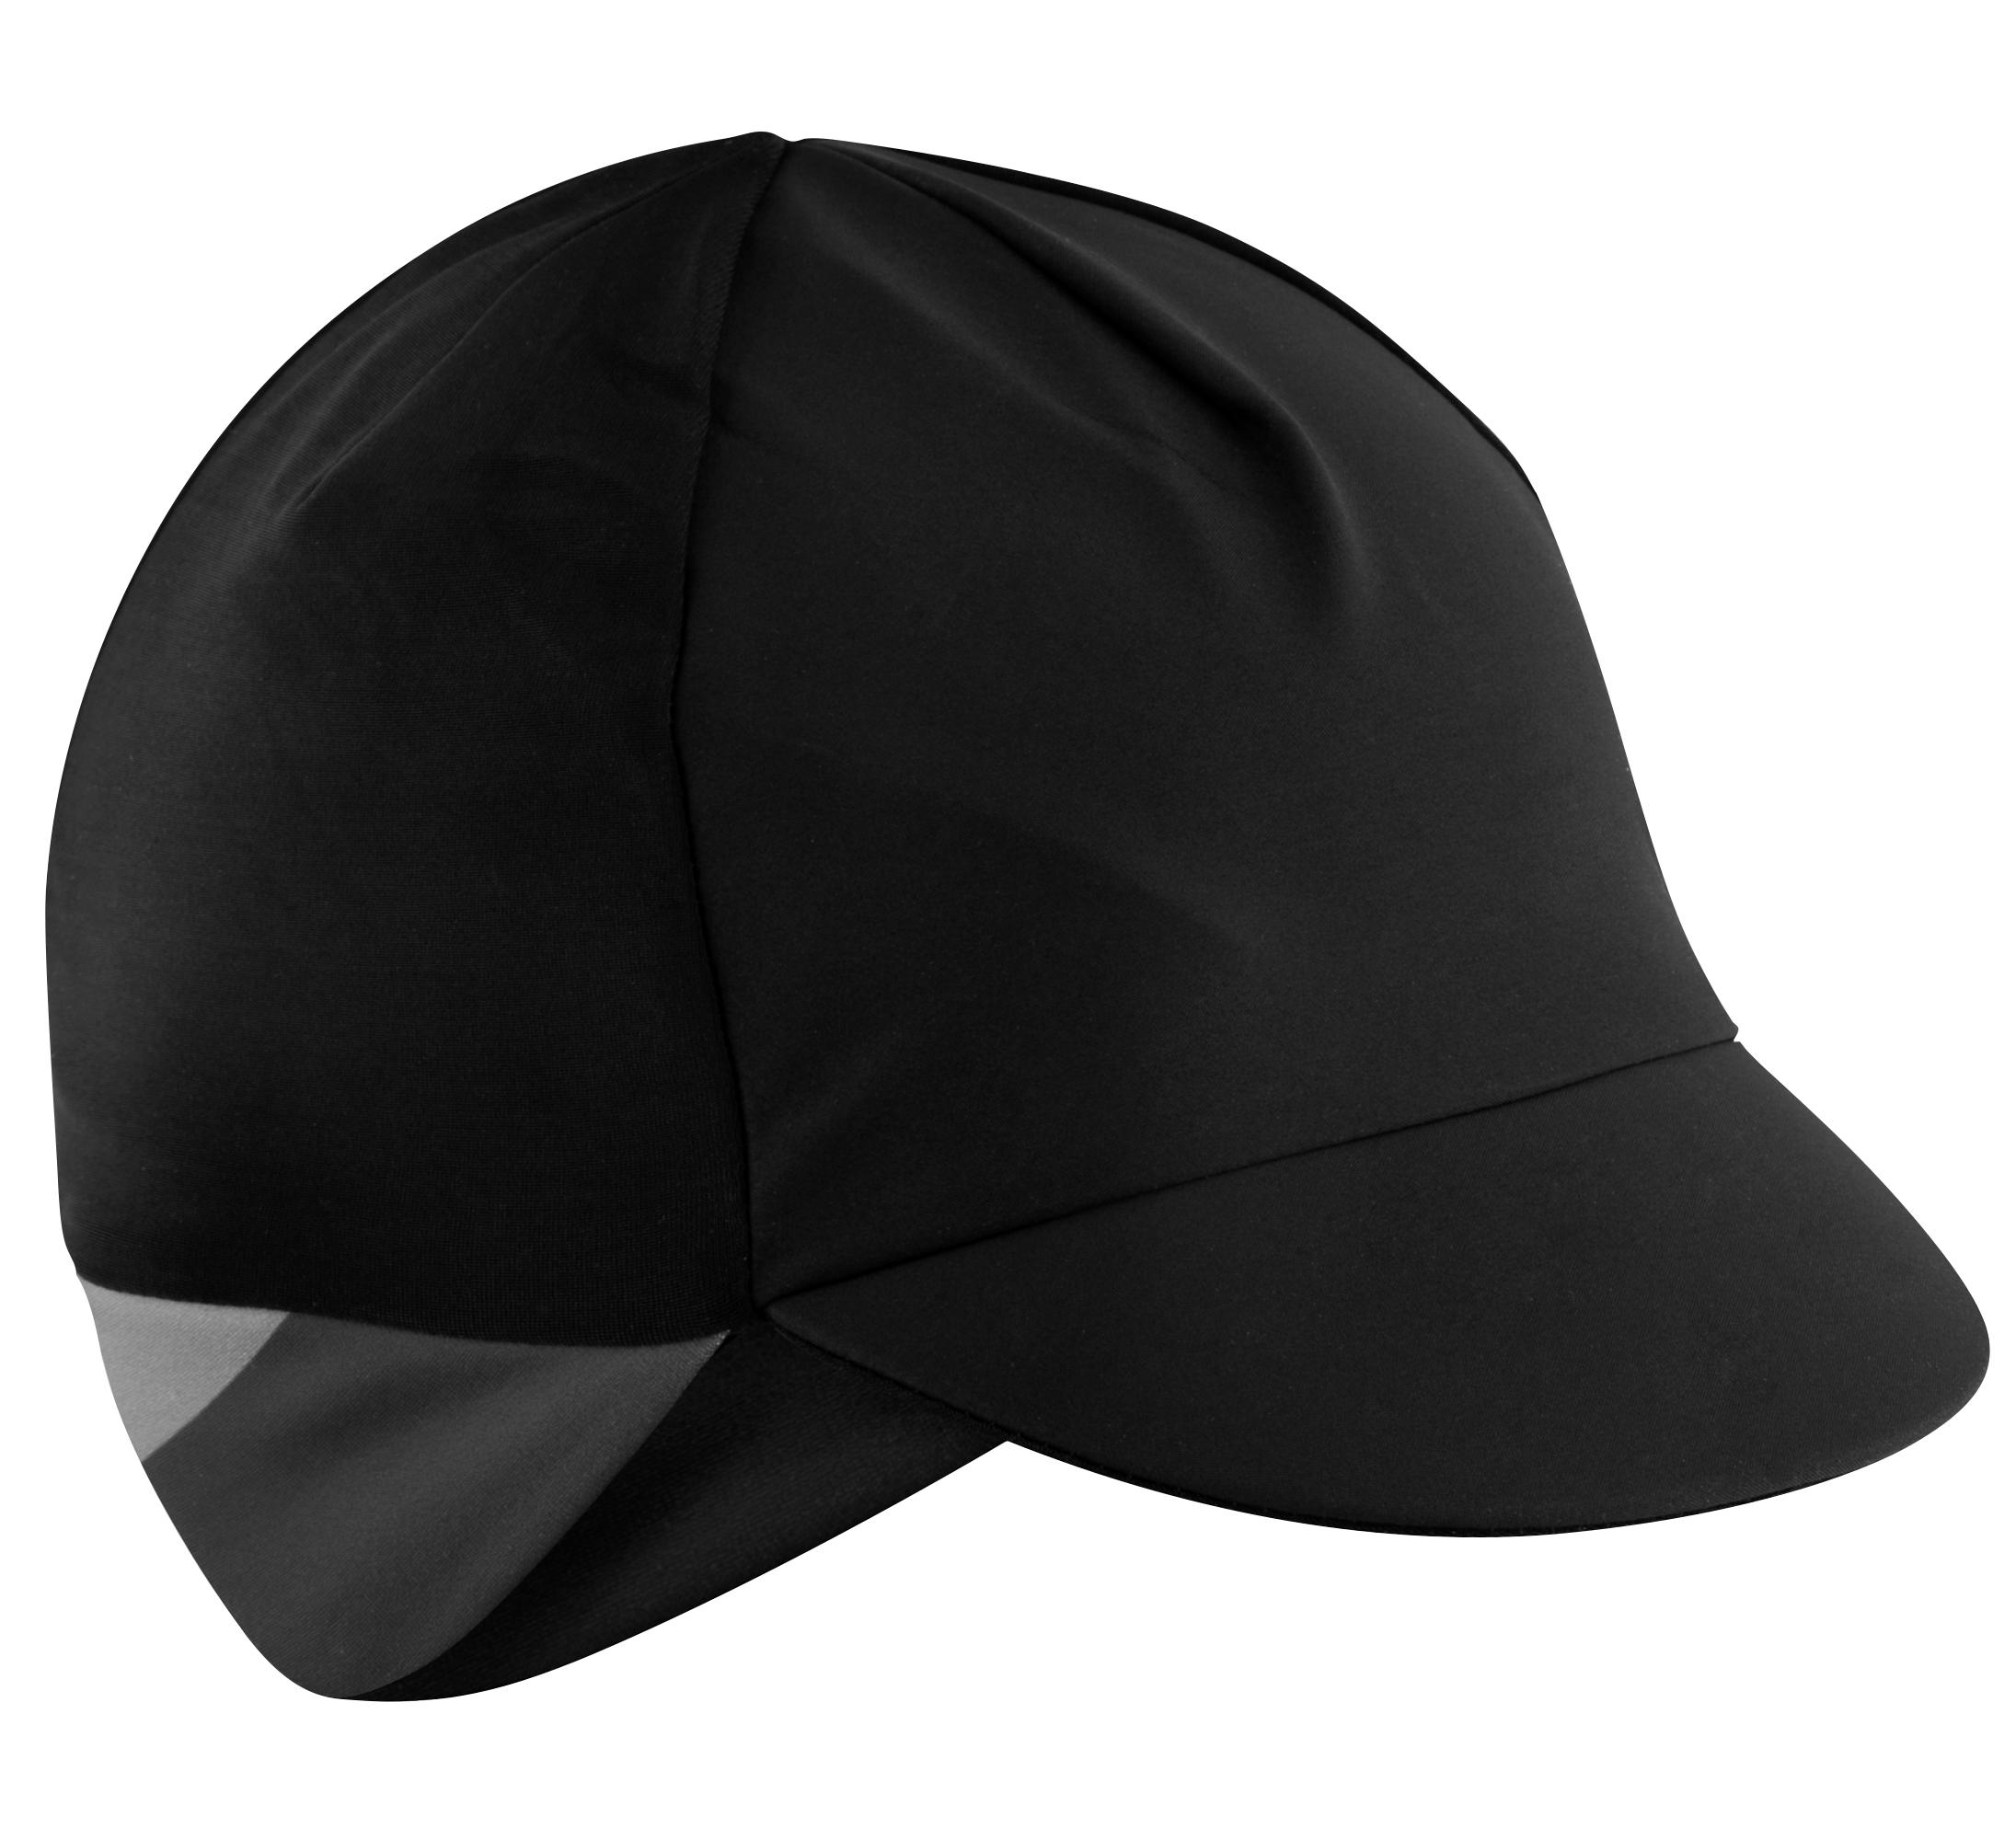 čepička s kšiltem FORCE BRISK zimní,črn-šedá L-XL